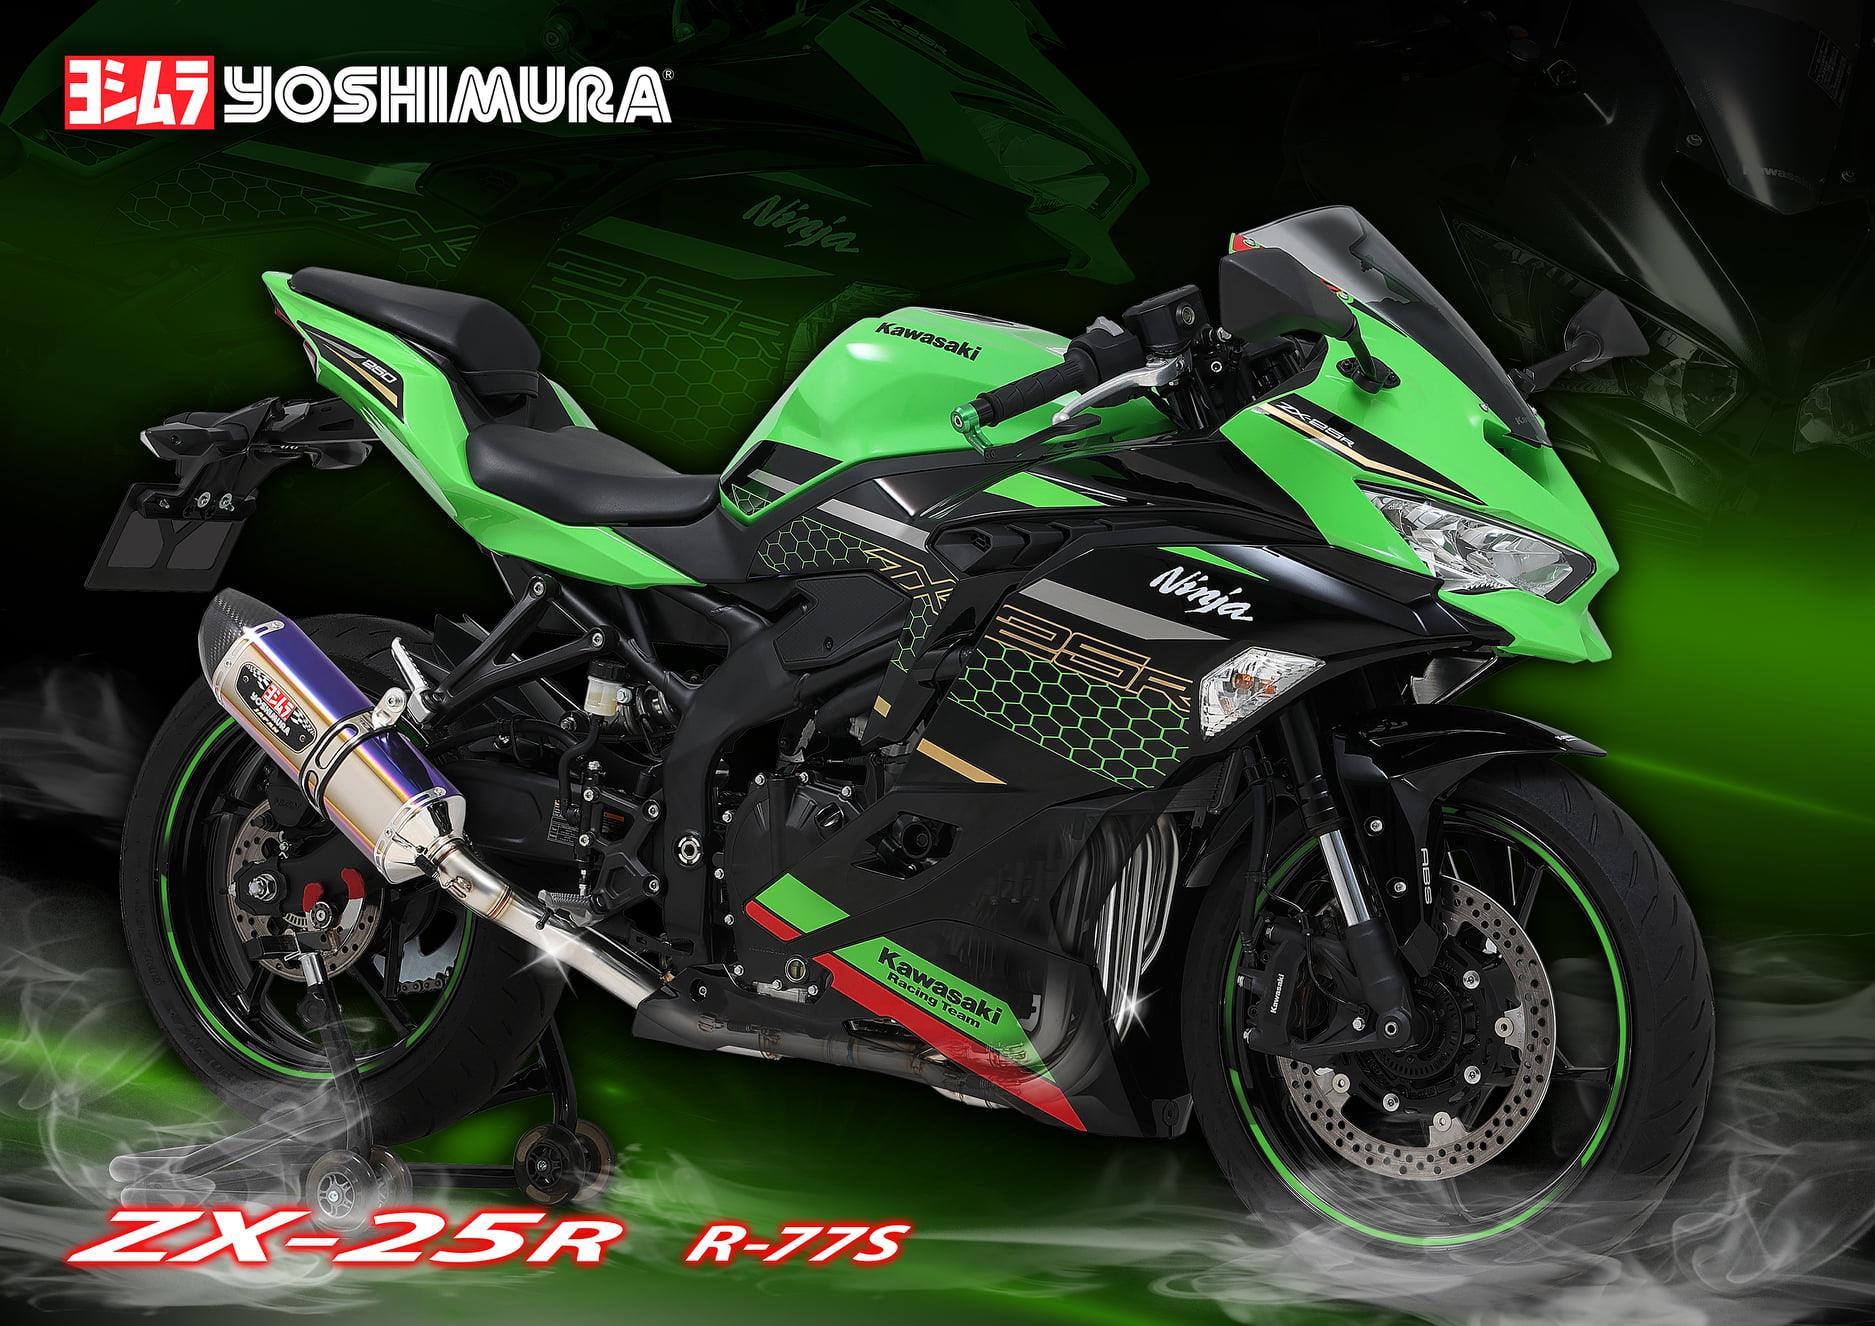 2020 Yoshimura ZX-25R R11 R77S